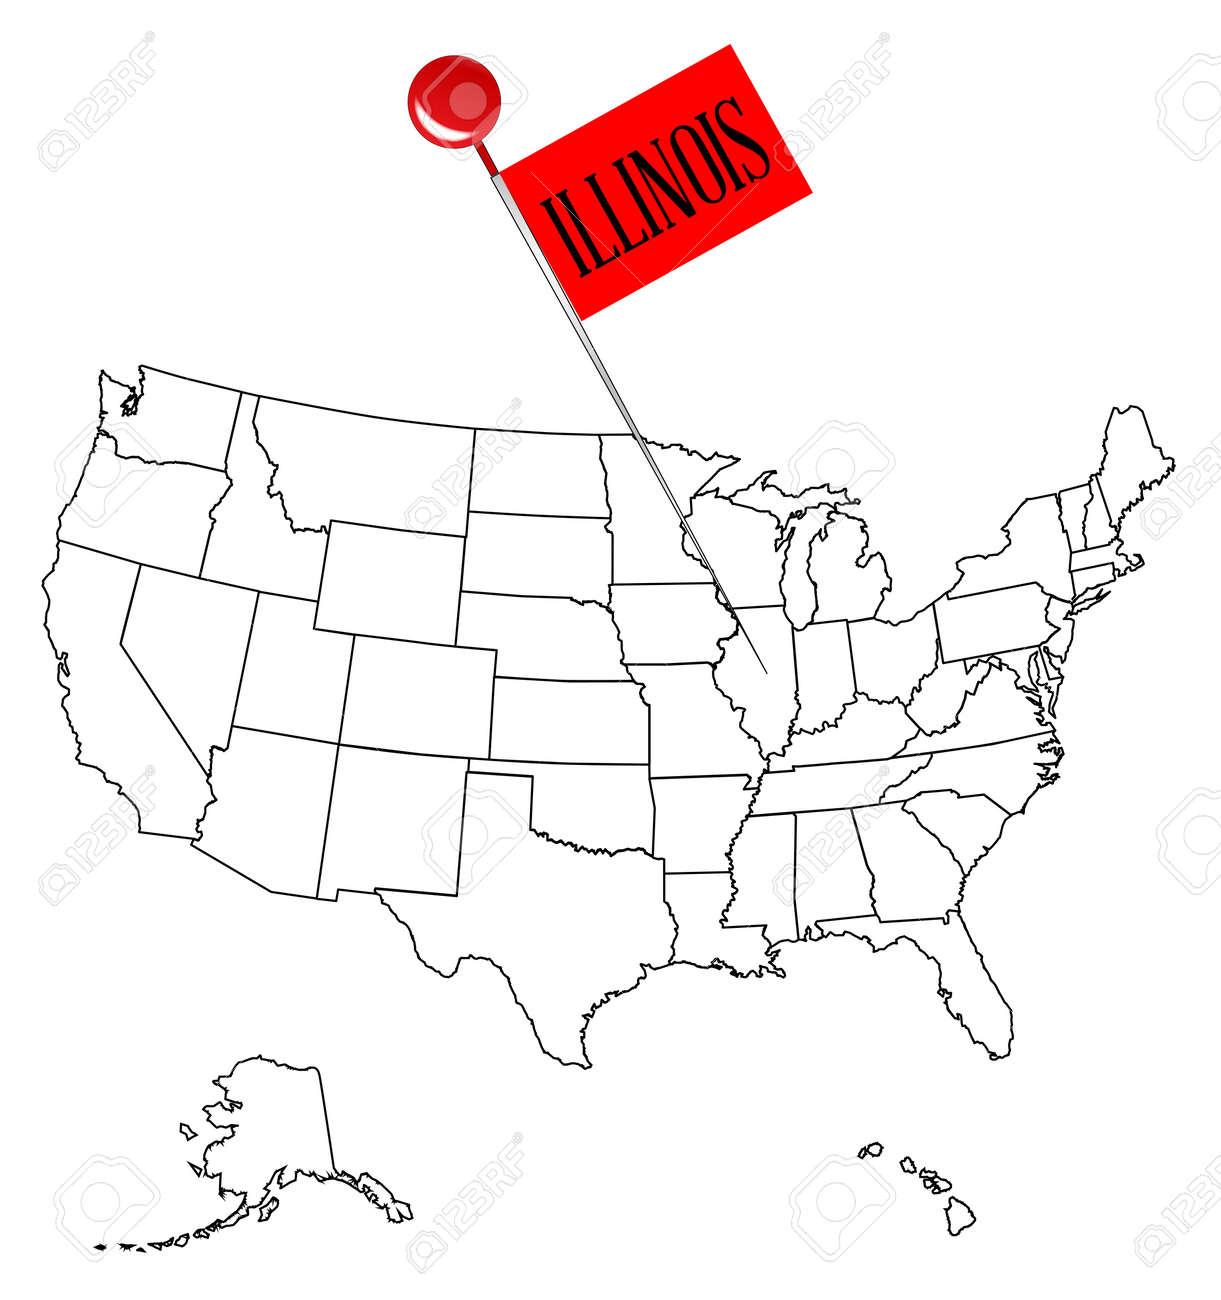 アメリカ イリノイ 州